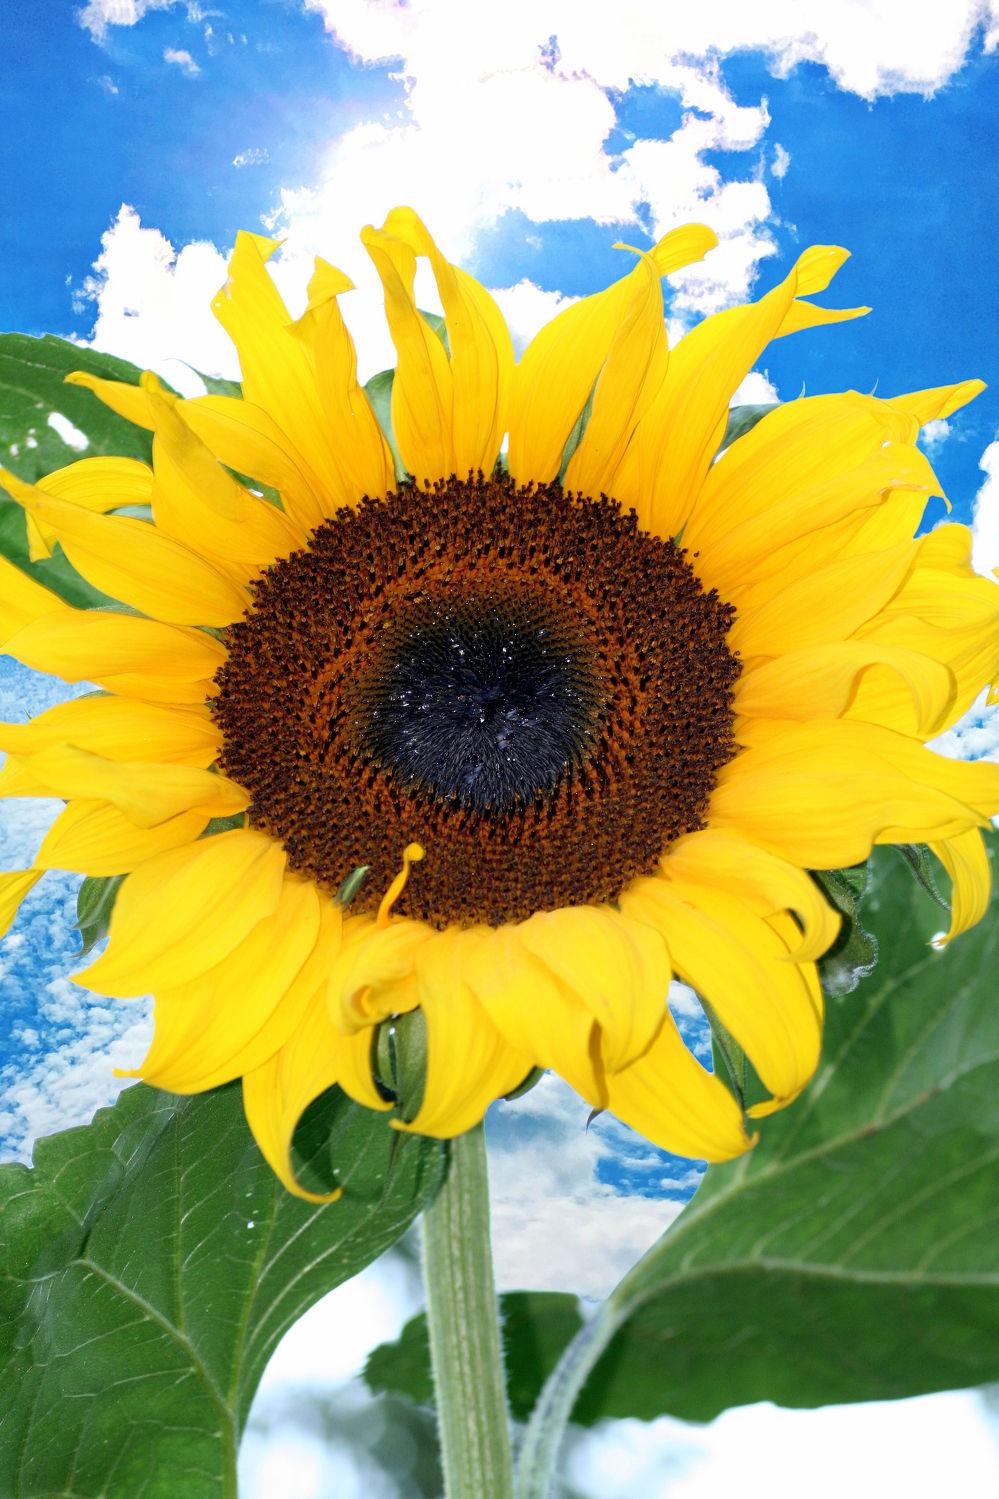 Bild mit Farben, Gelb, Gegenstände, Natur, Pflanzen, Lebensmittel, Essen, Blumen, Korbblütler, Sonnenblumen, Blume, Flower, Flowers, Sonnenblume, Sunflower, Sunflowers, Helianthus annuus, Helianthus, Asteraceae